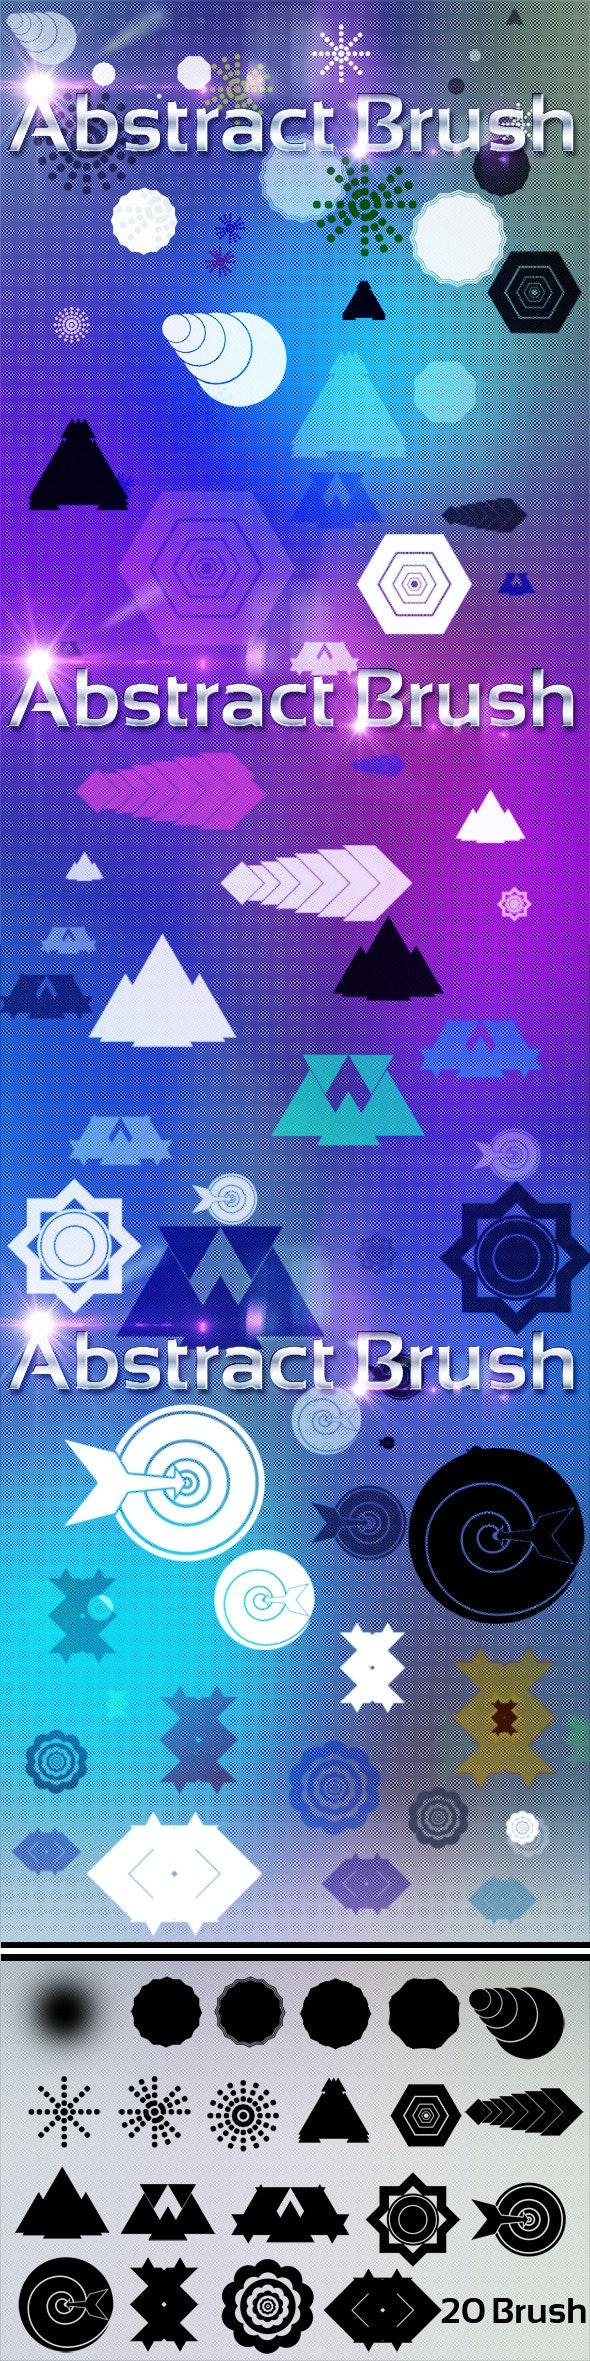 20 Abstract Brush - Brushes Photoshop